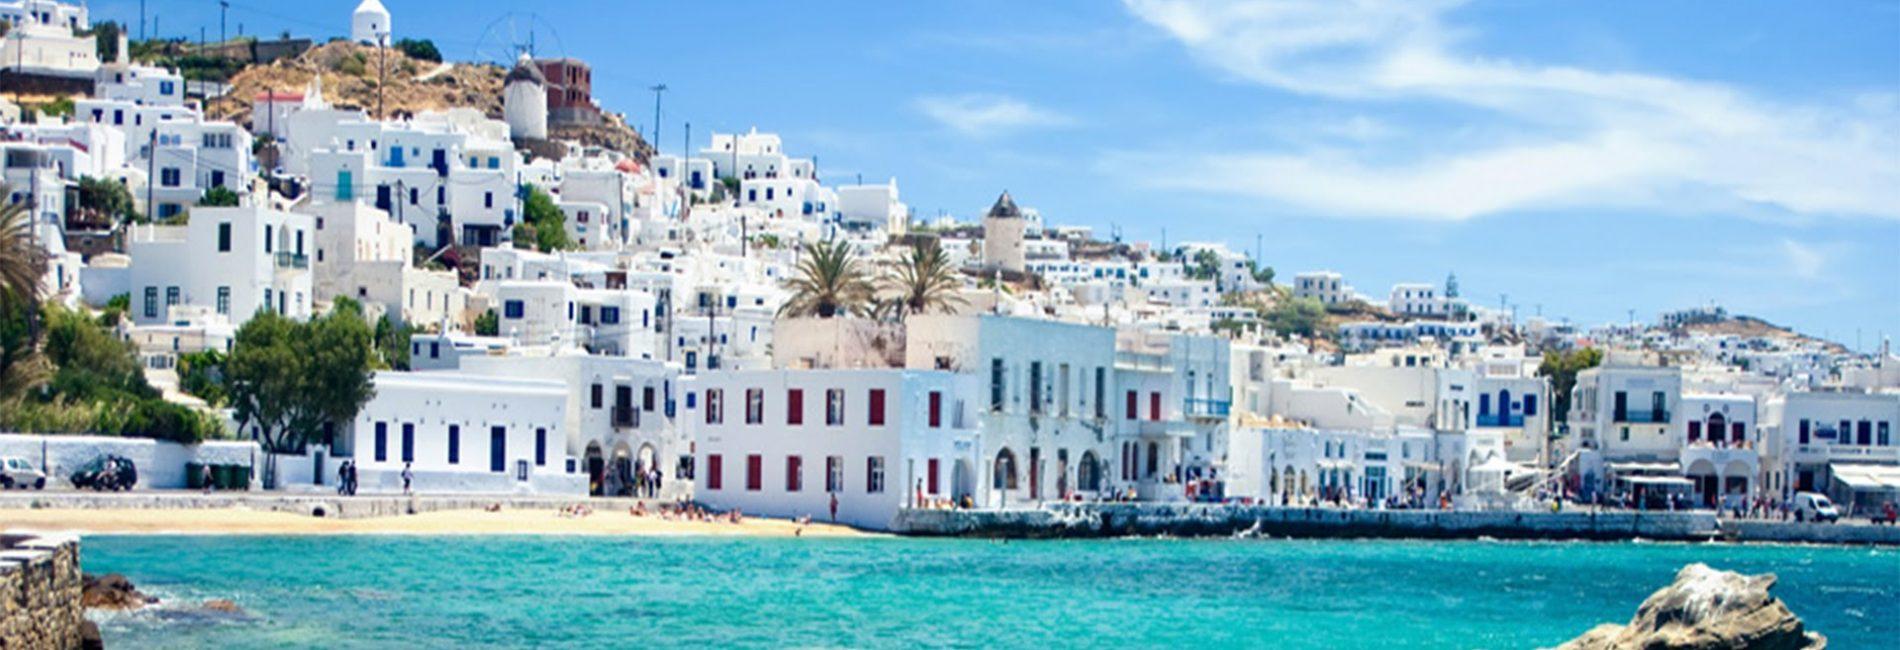 Yunanistan'da 2. Sırada En Çok Türkler Ev Alıyor